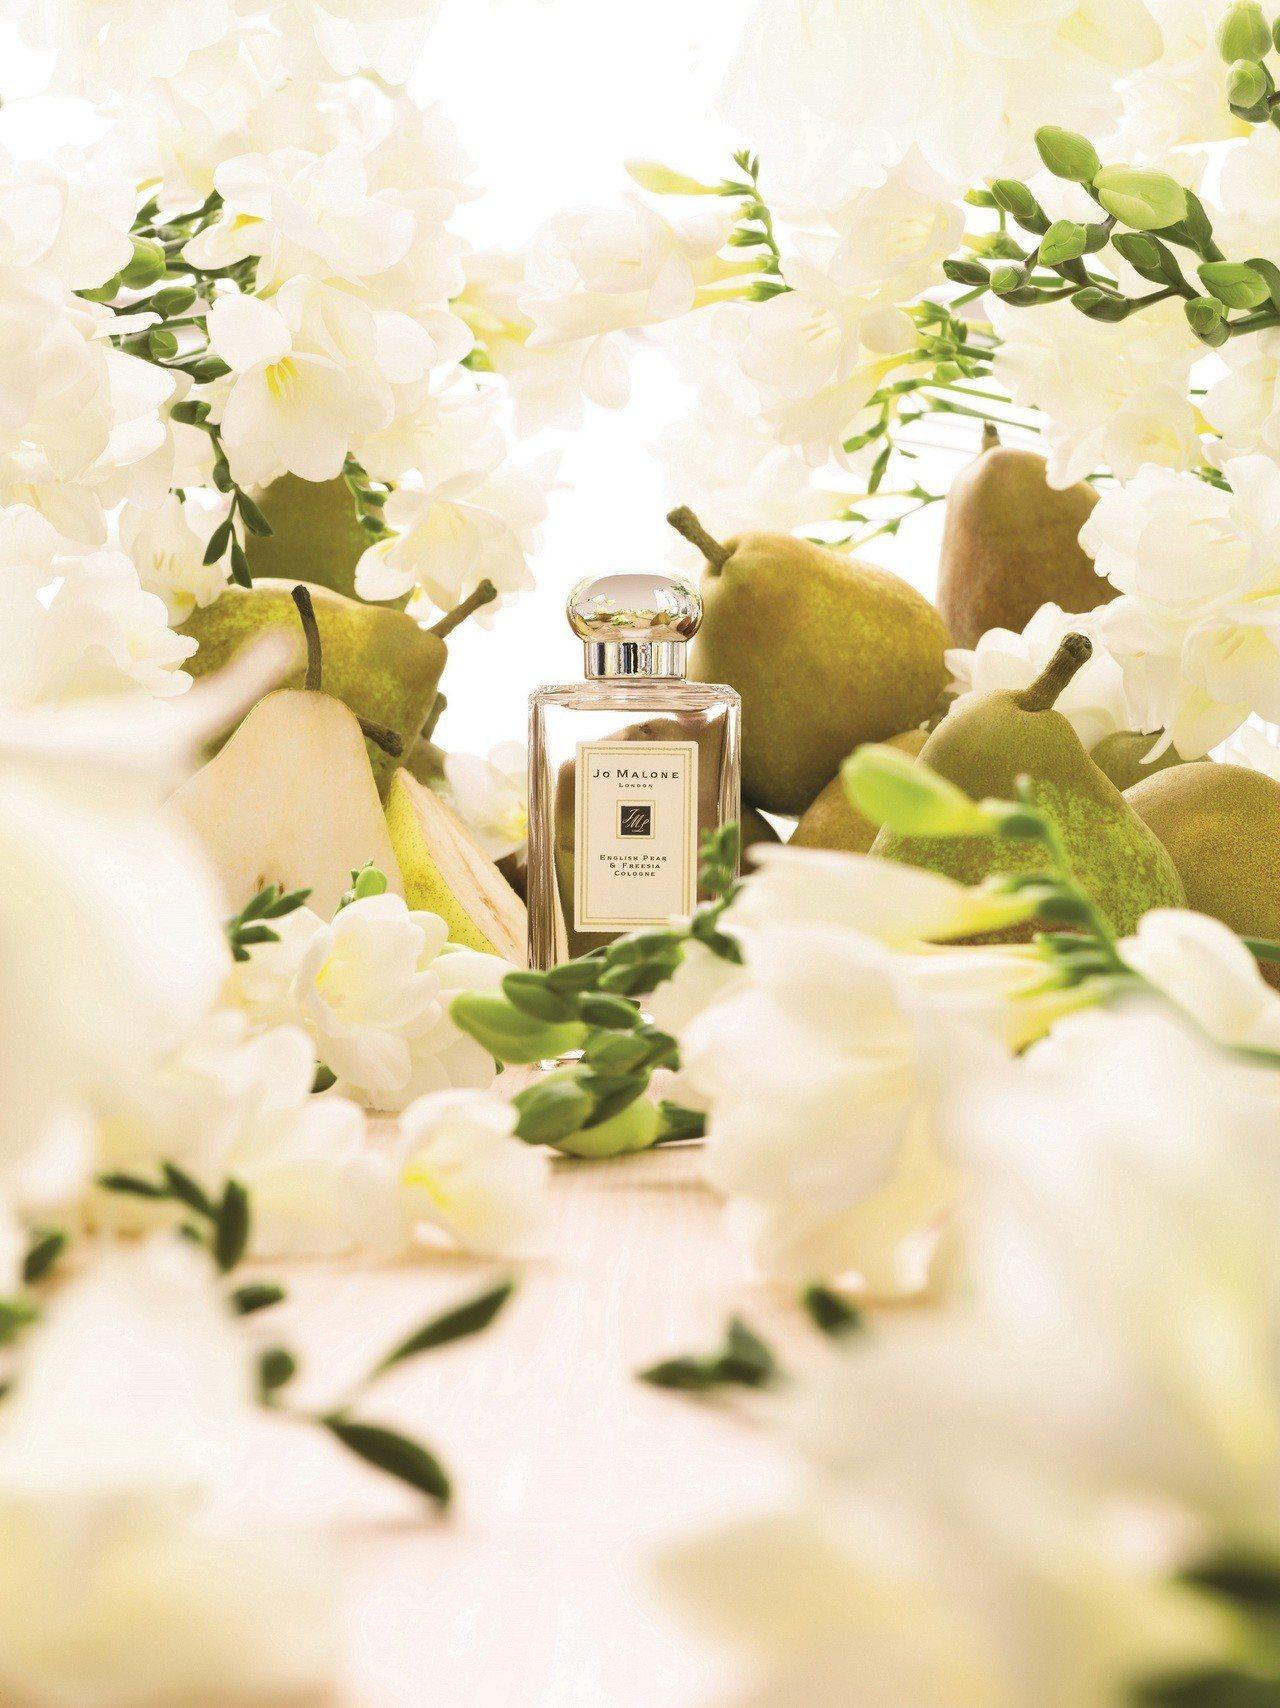 Jo Malone在全球最受歡迎的英國梨與小蒼蘭香水,今年「JUST BECAU...